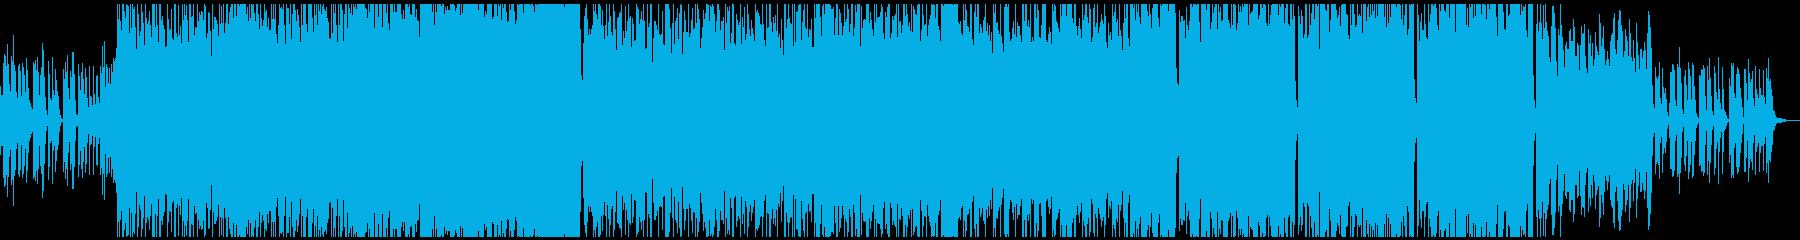 メロディーが印象的なポップ音楽の再生済みの波形